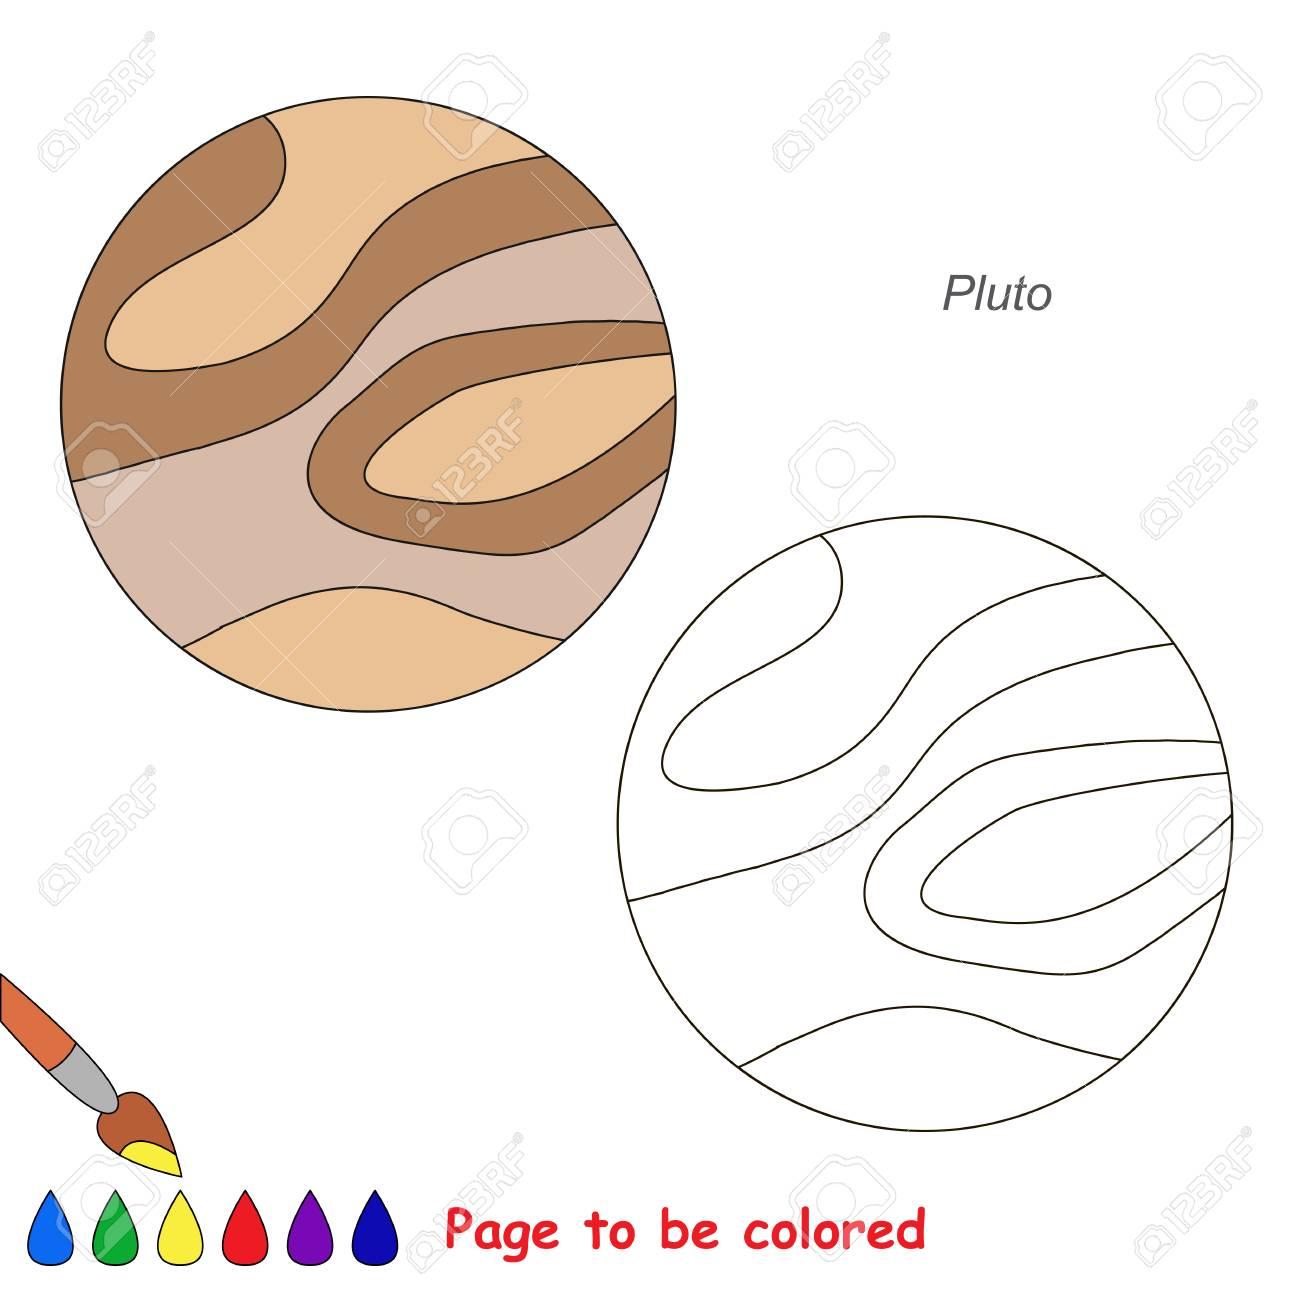 Planeta Plutón Para Colorear, El Libro Para Colorear Para Niños De ...